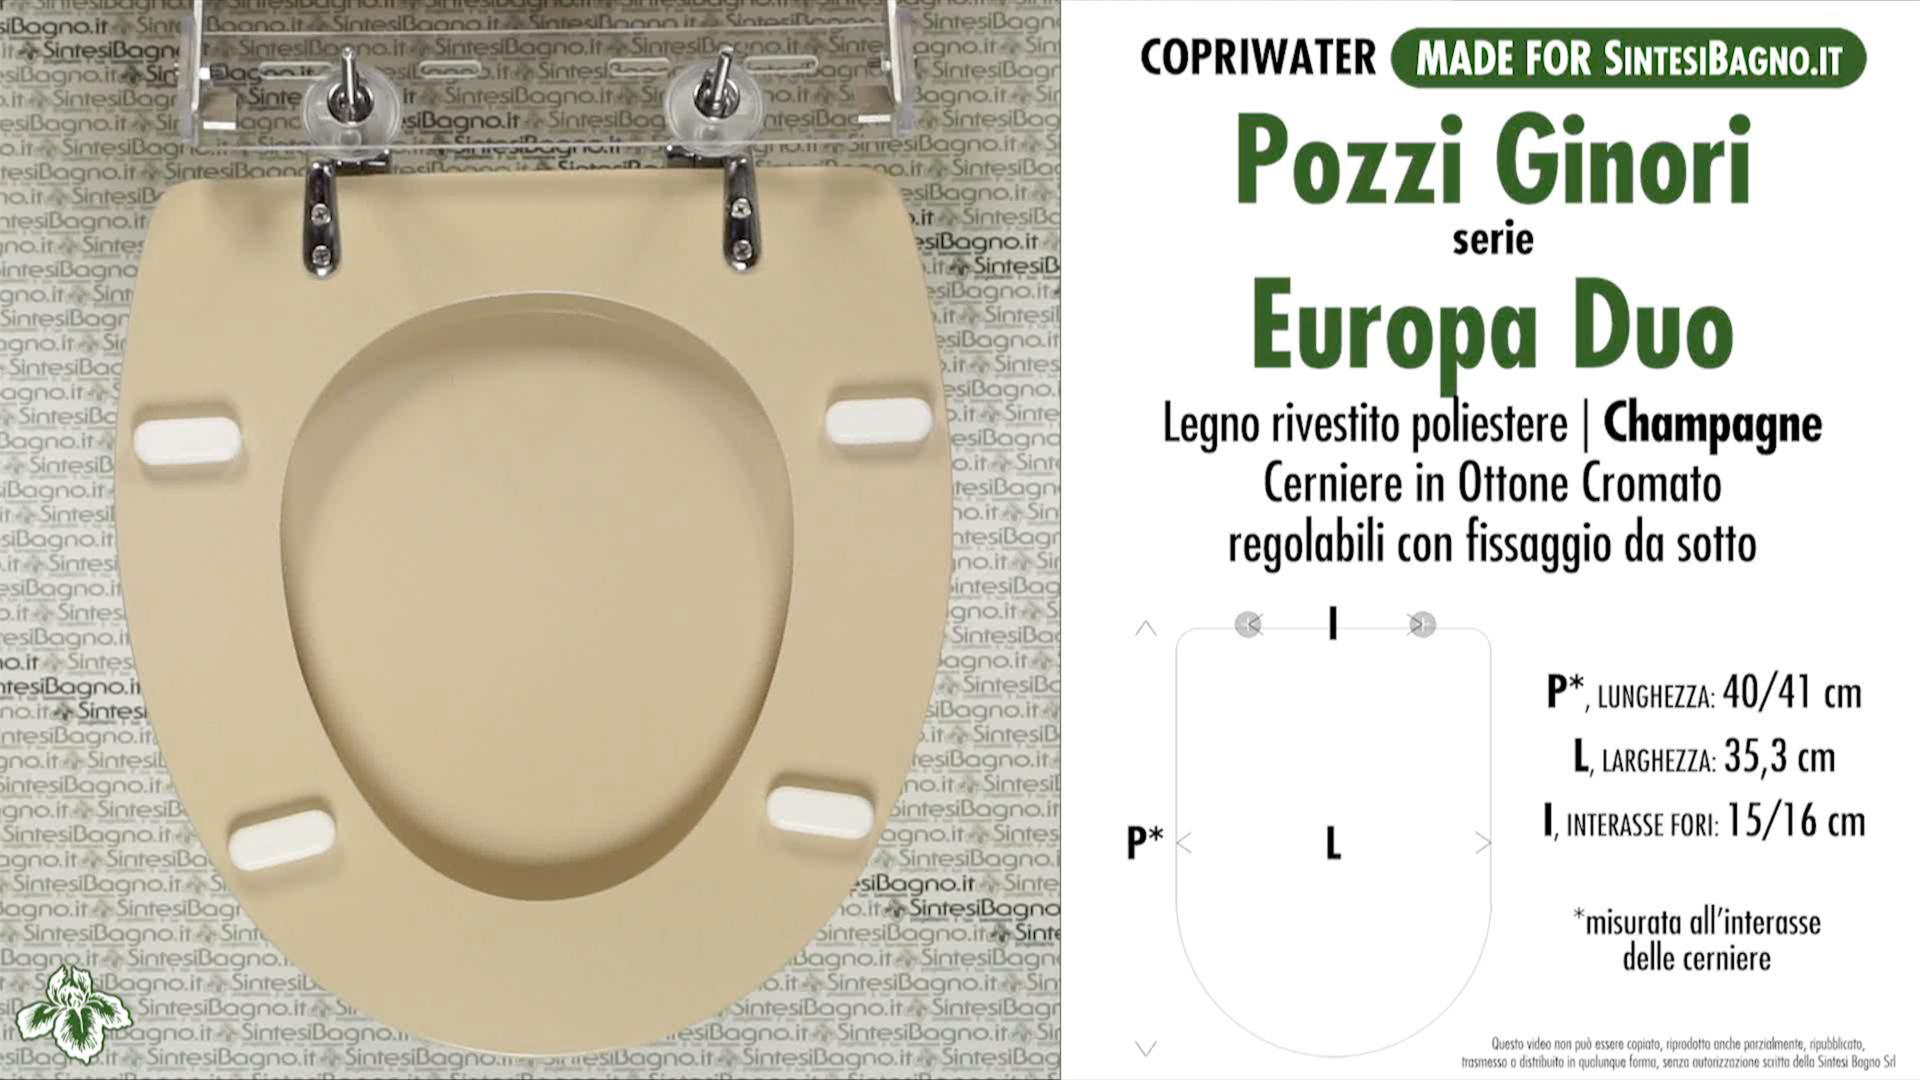 SCHEDA TECNICA MISURE copriwater POZZI GINORI EUROPA DUO